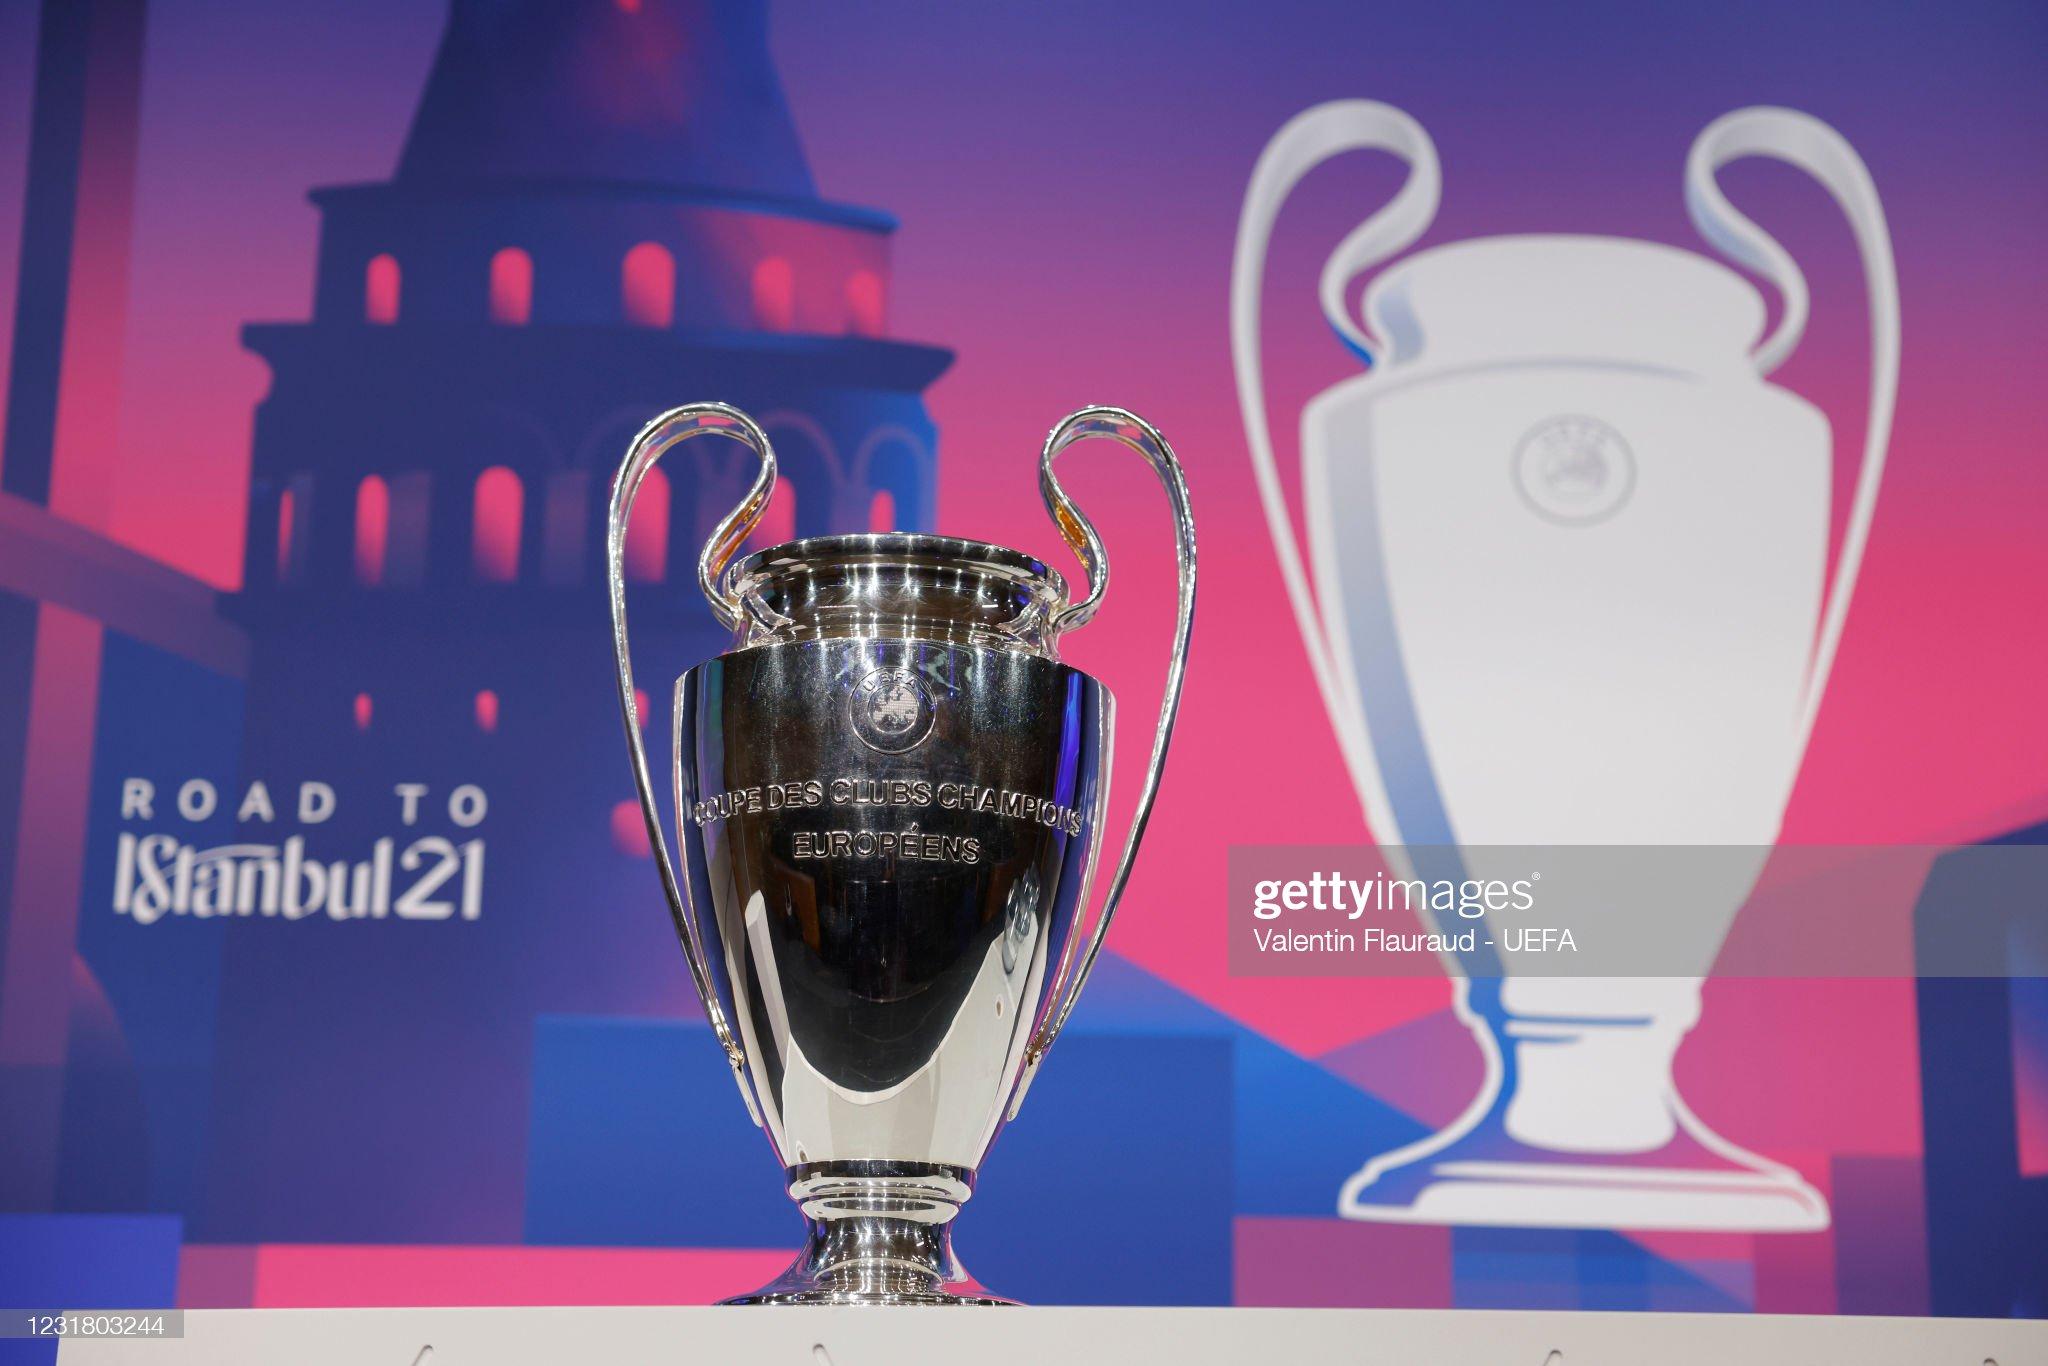 UEFA Champions League 2020/21 Quarter-finals And Semi-Finals Draw : News Photo